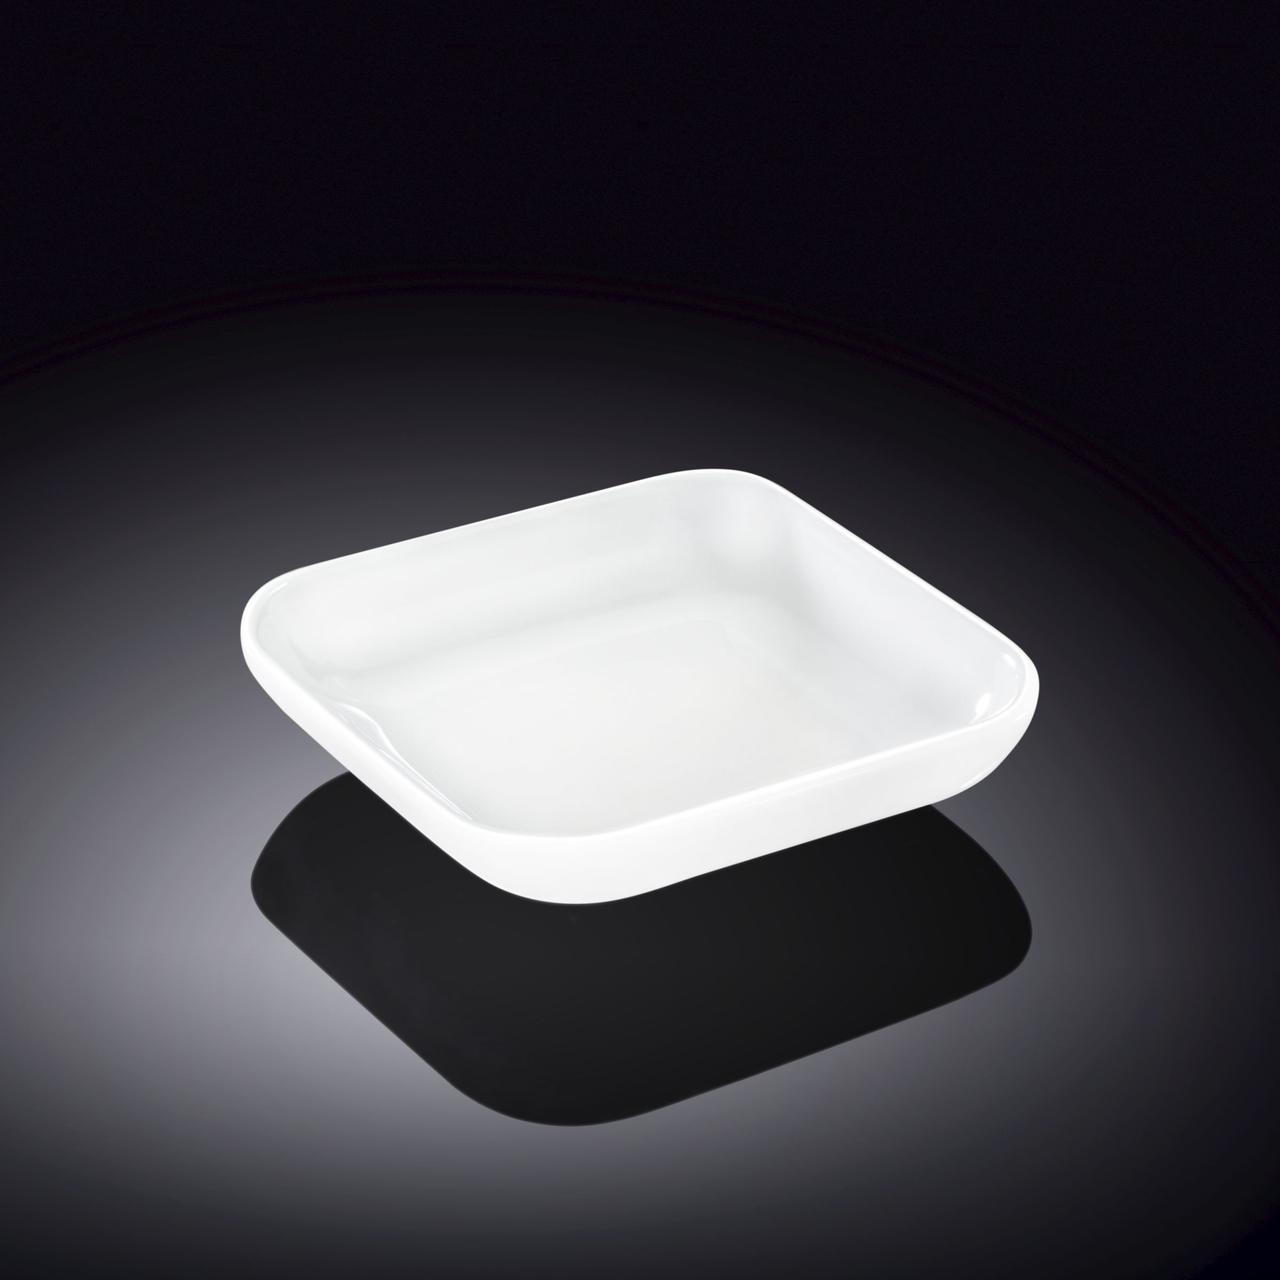 Ємність для закусок Wilmax квадратна 7х7 см фарфор, Порцеляновий квадратна біла кухонні ємність для закусок